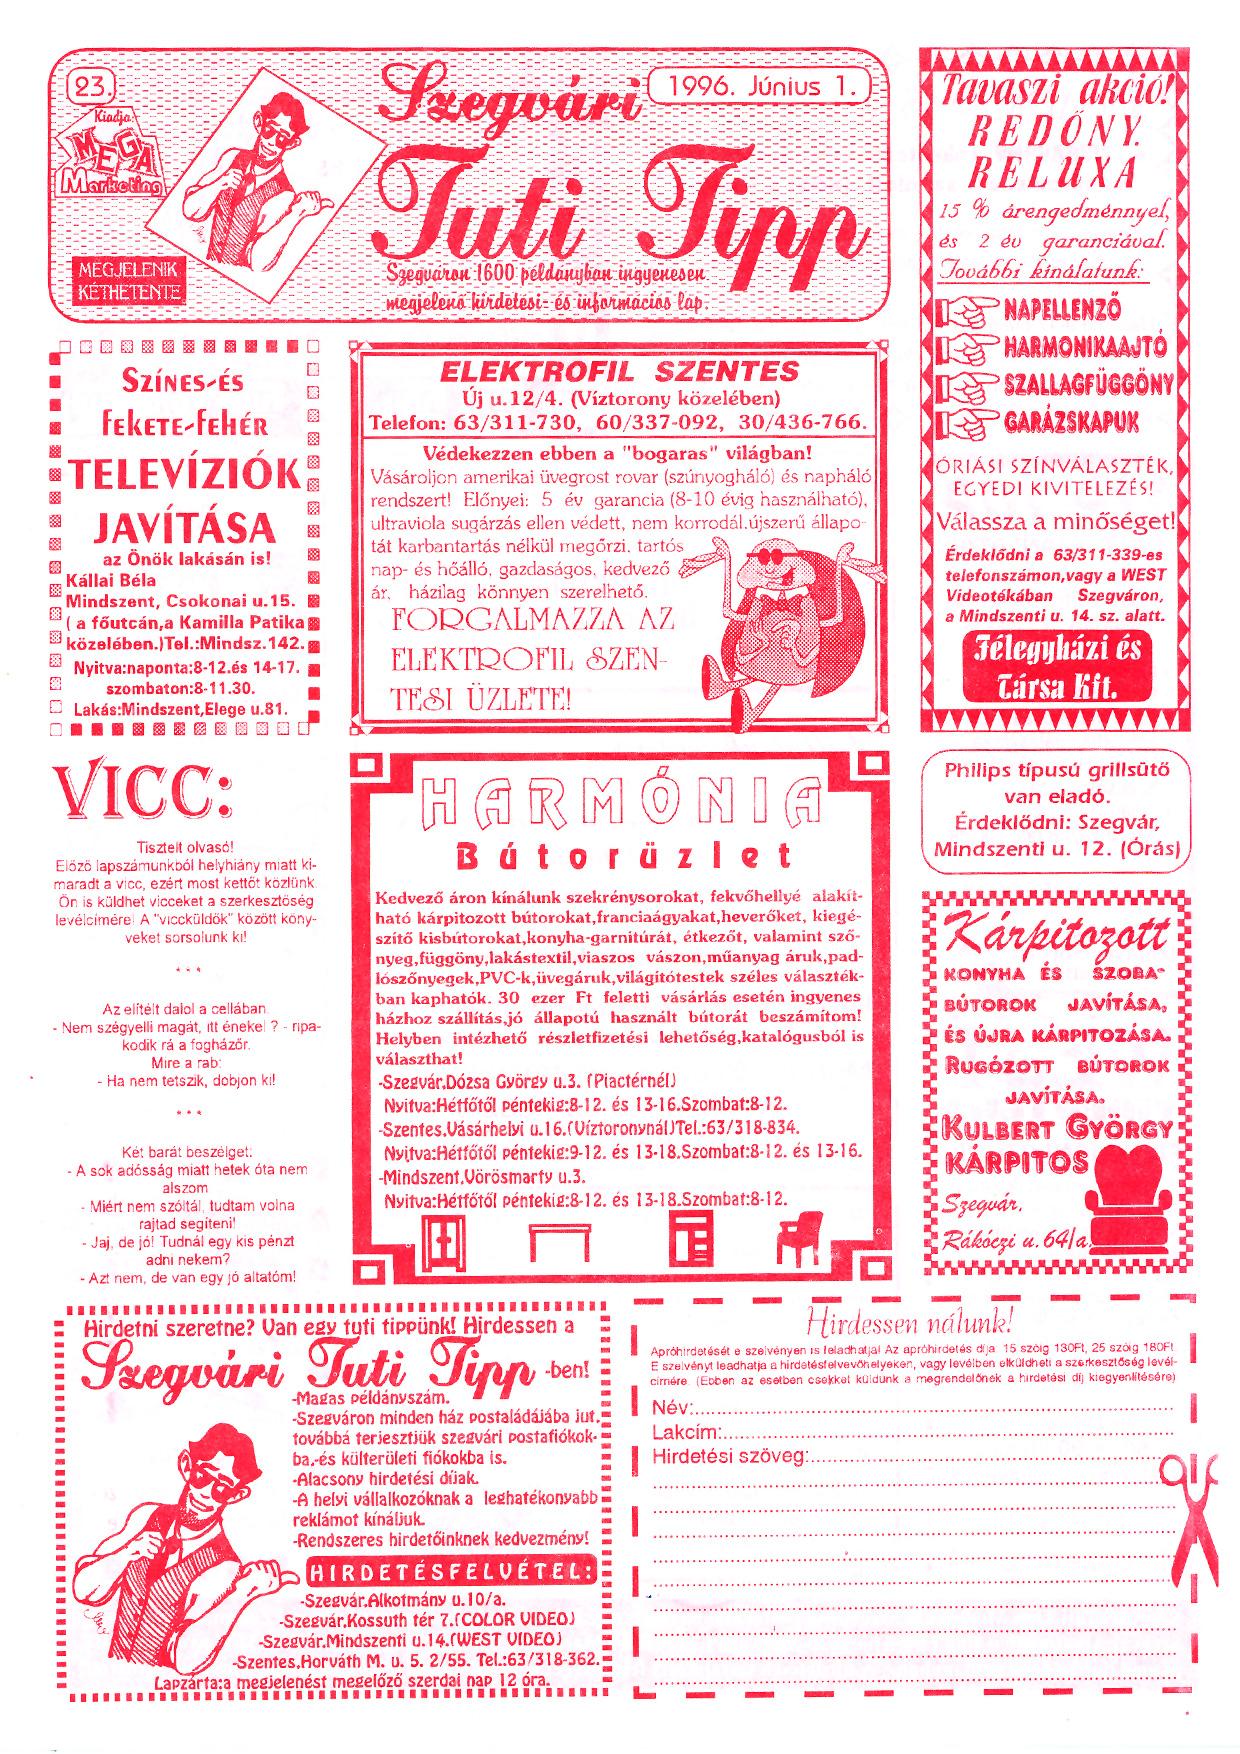 023 Szegvári Tuti Tipp reklámújság - 19960601-023. lapszám - 1.oldal - II. évfolyam.jpg